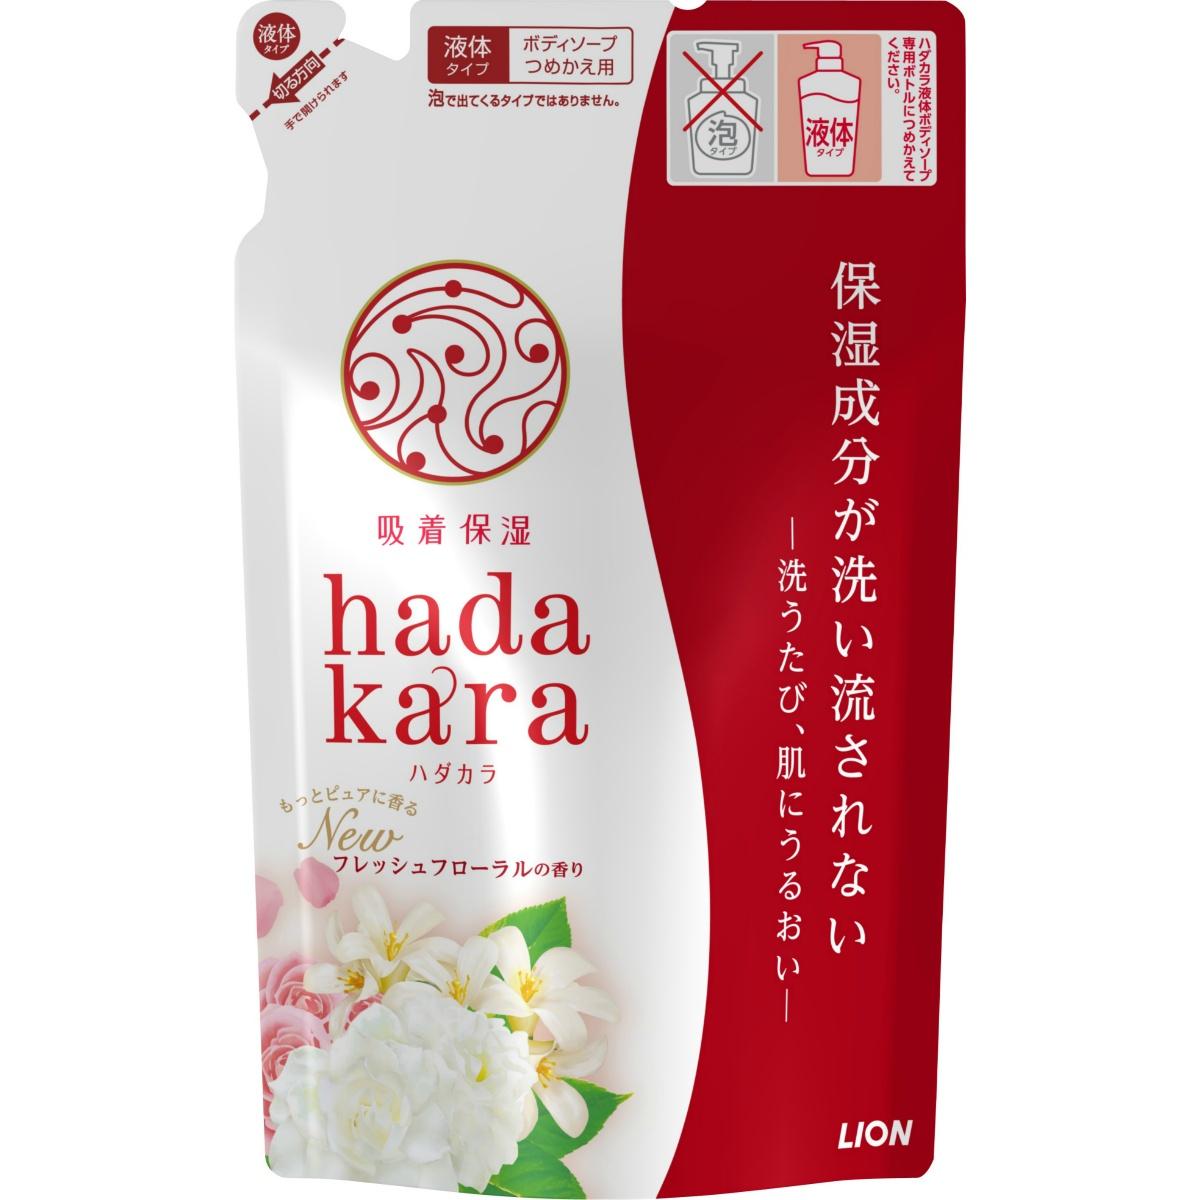 hadakara ハダカラ ボディソープ フレッシュフローラルの香り つめかえ 360ml 洗うだけで肌がよくなっていくことを実感できる 送料無料 1着でも送料無料 4903301238997 hadakara まとめ買い×3 詰め替え ボディーソープ LION ライオン 360ml×3点セット 最安値挑戦